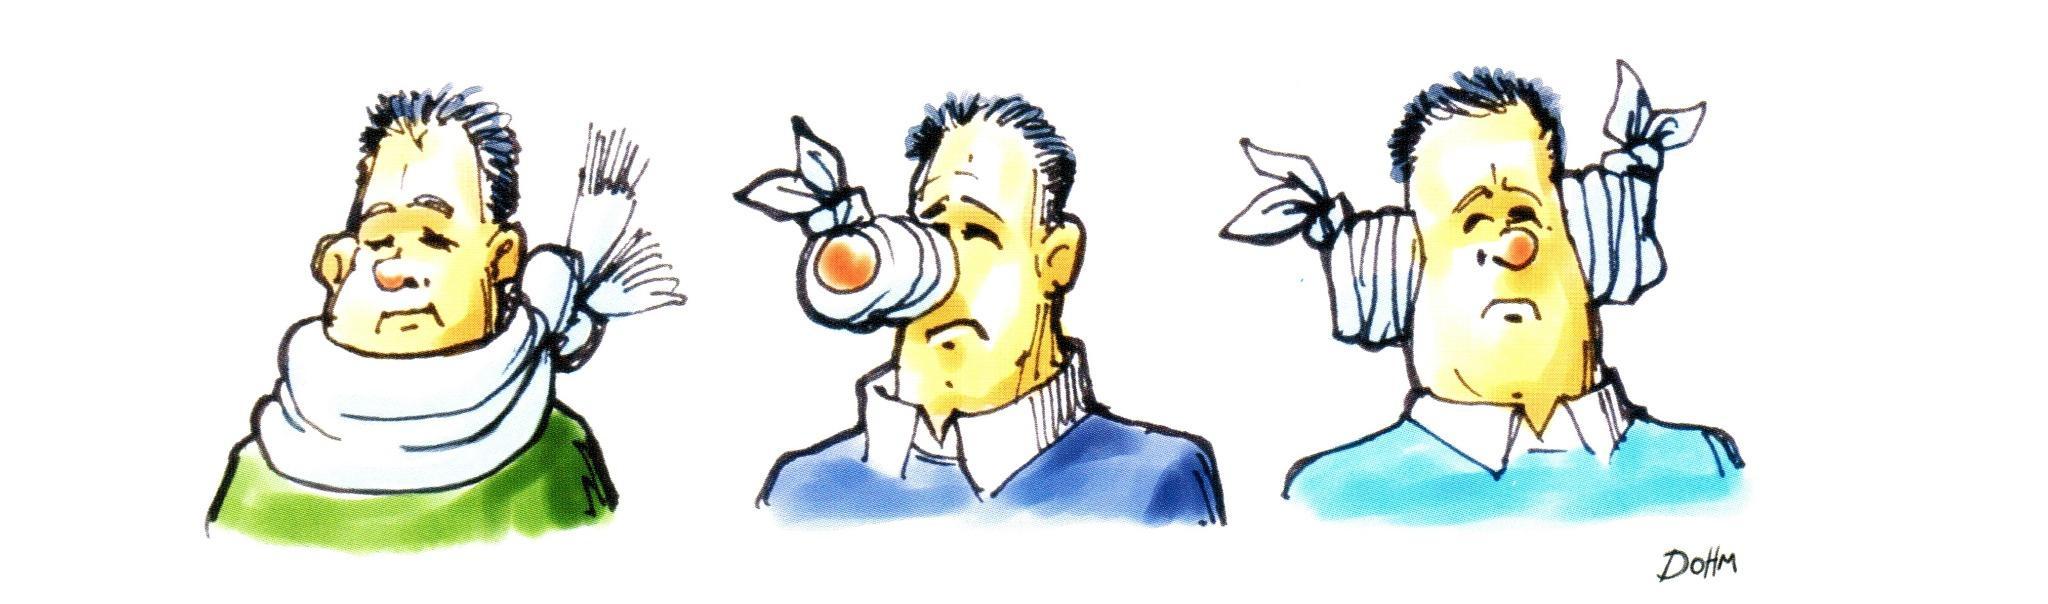 Смешные картинки лор врача, лет открытка